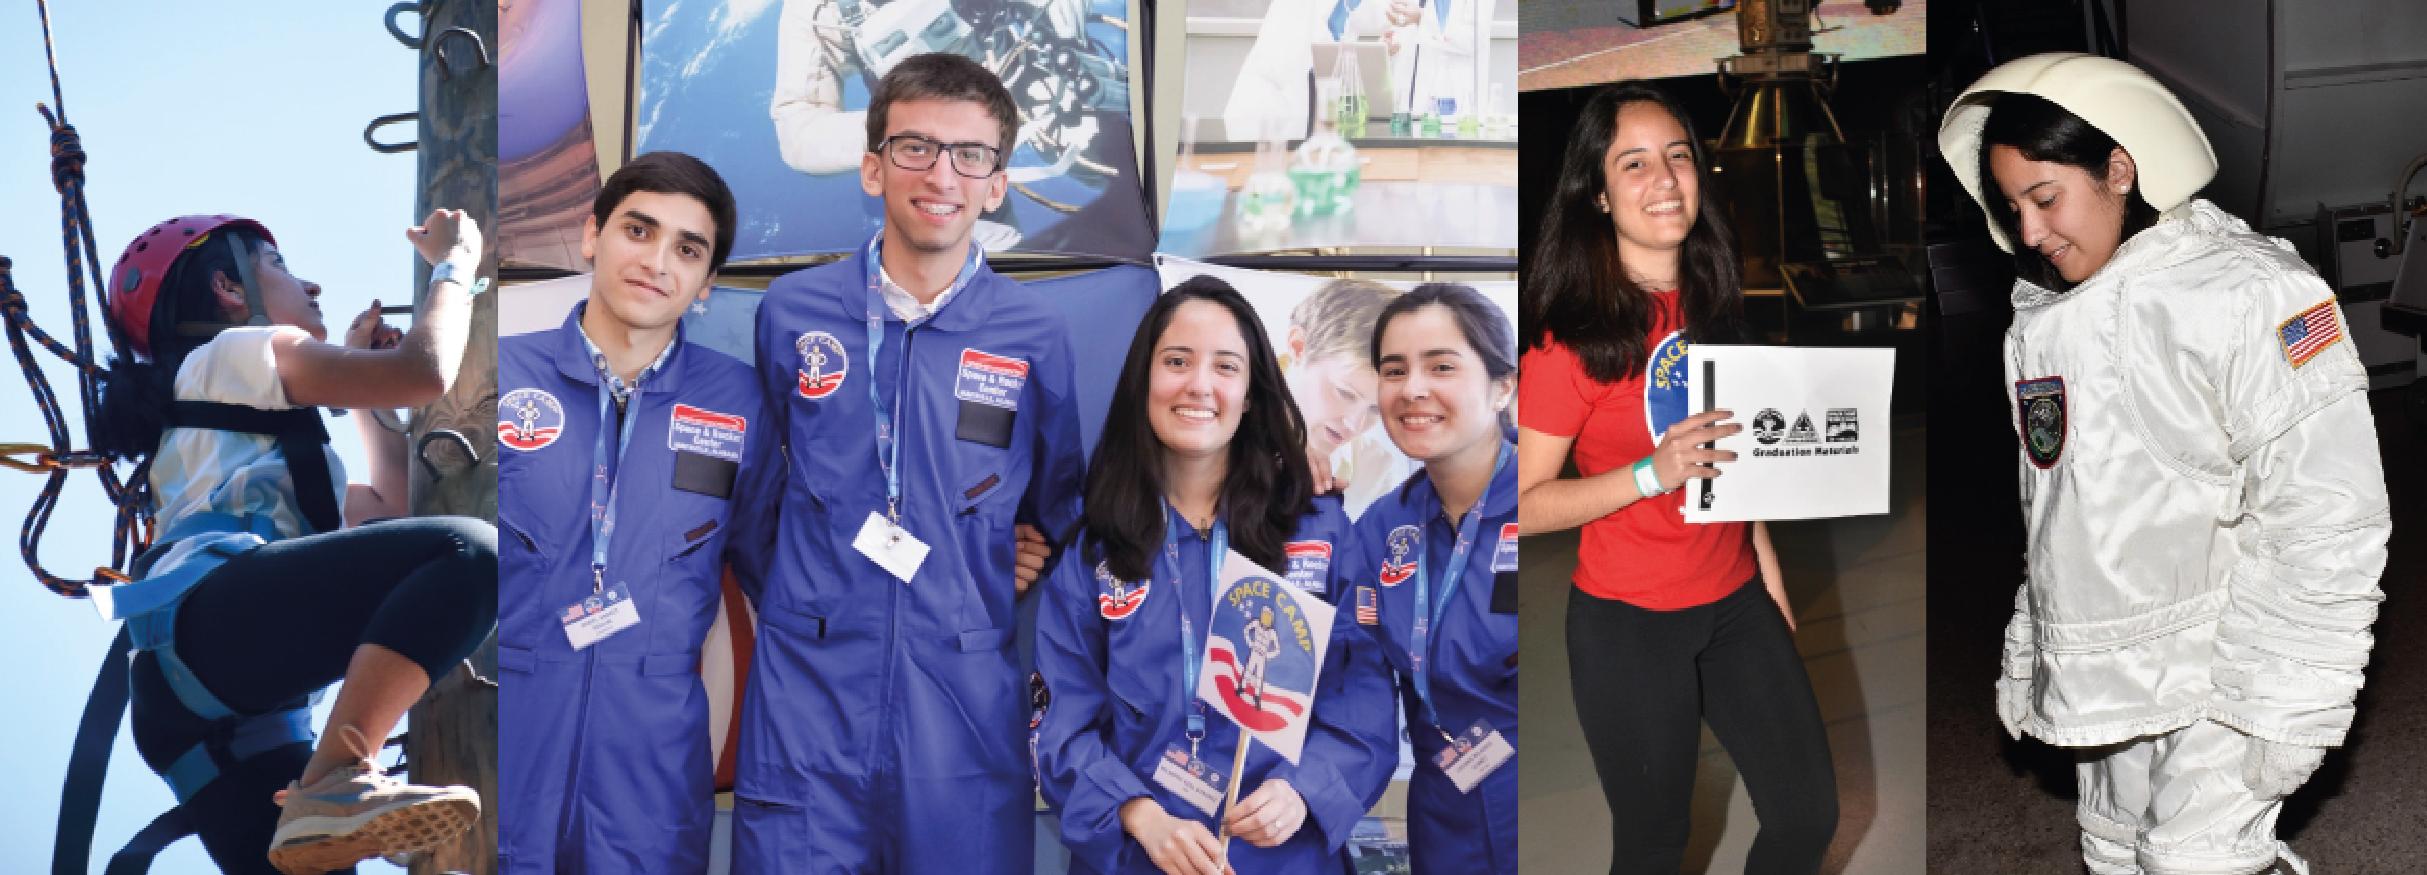 Imagen de la noticia >Estudiante de la UBA entrenó como astronauta en la NASA